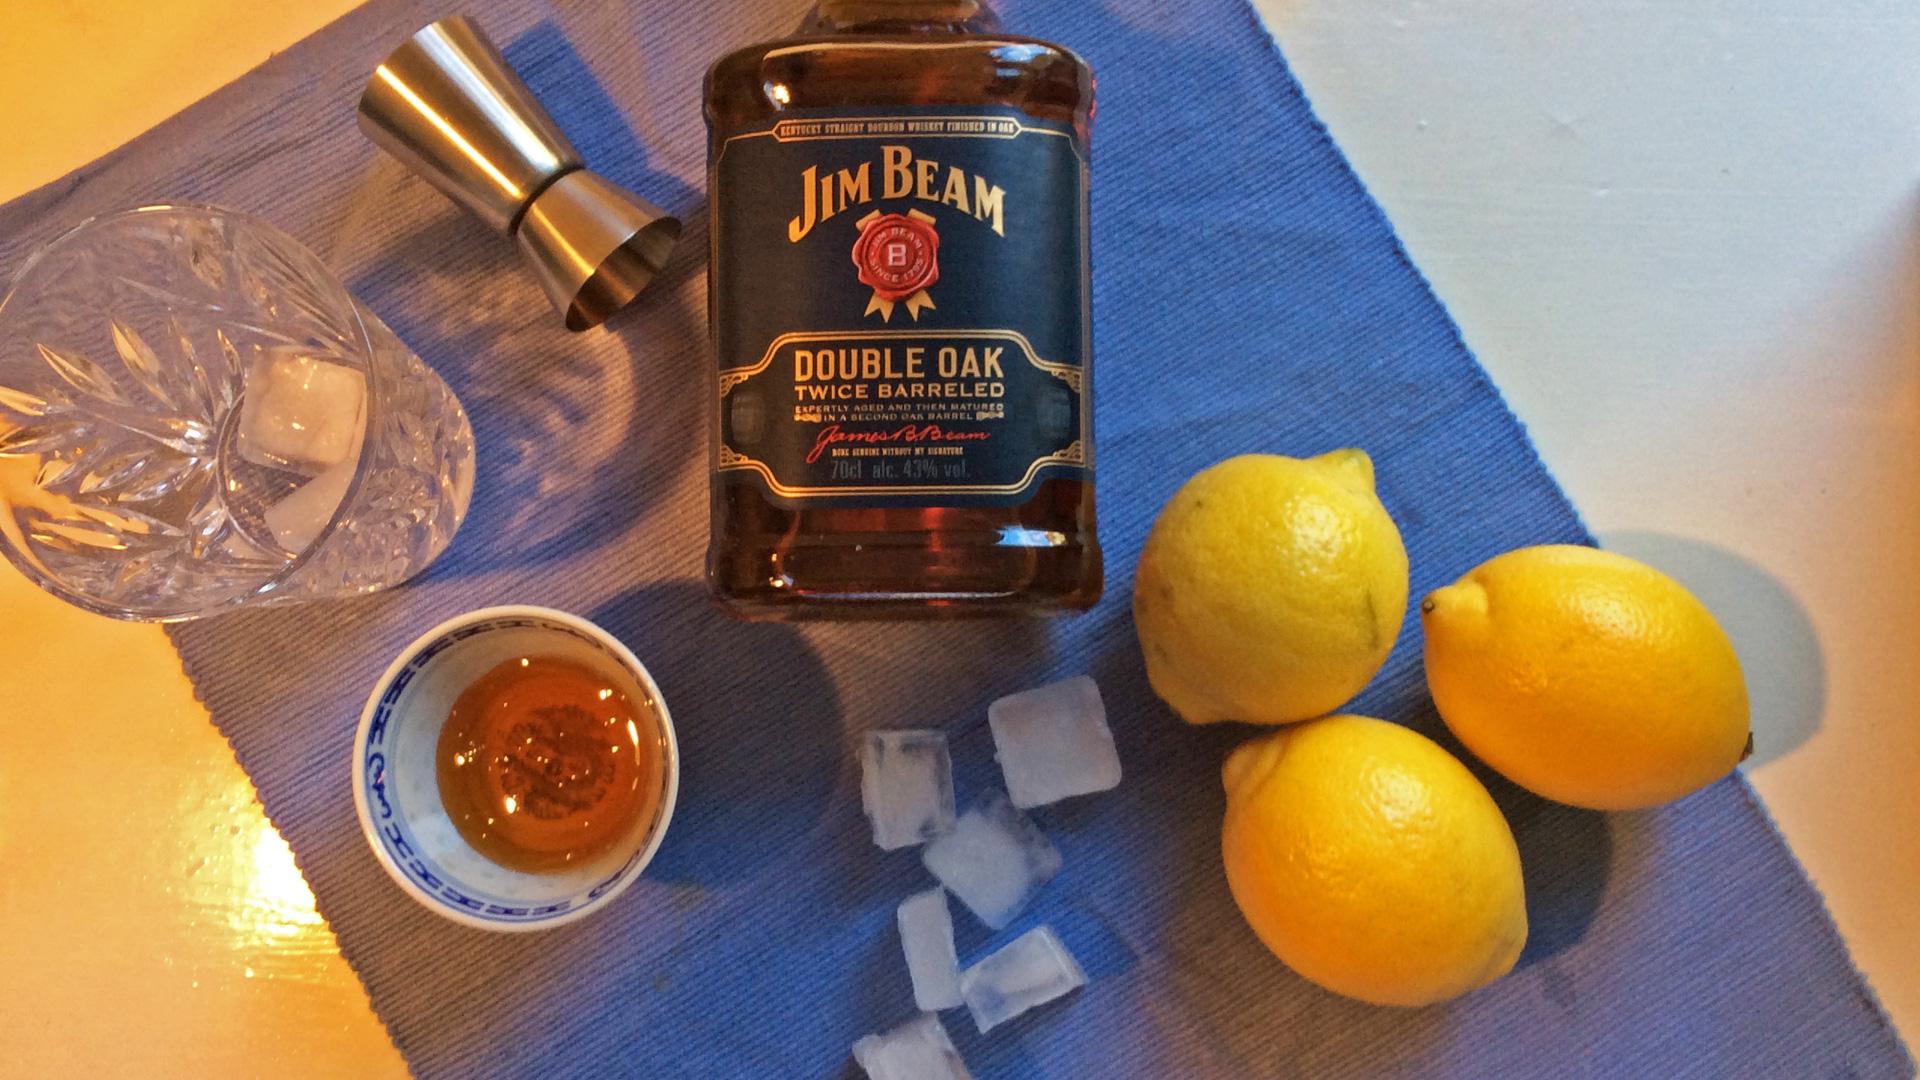 Honig, Zitronen und Double Oak für den Gold Rush. (Foto: Malt Whisky)